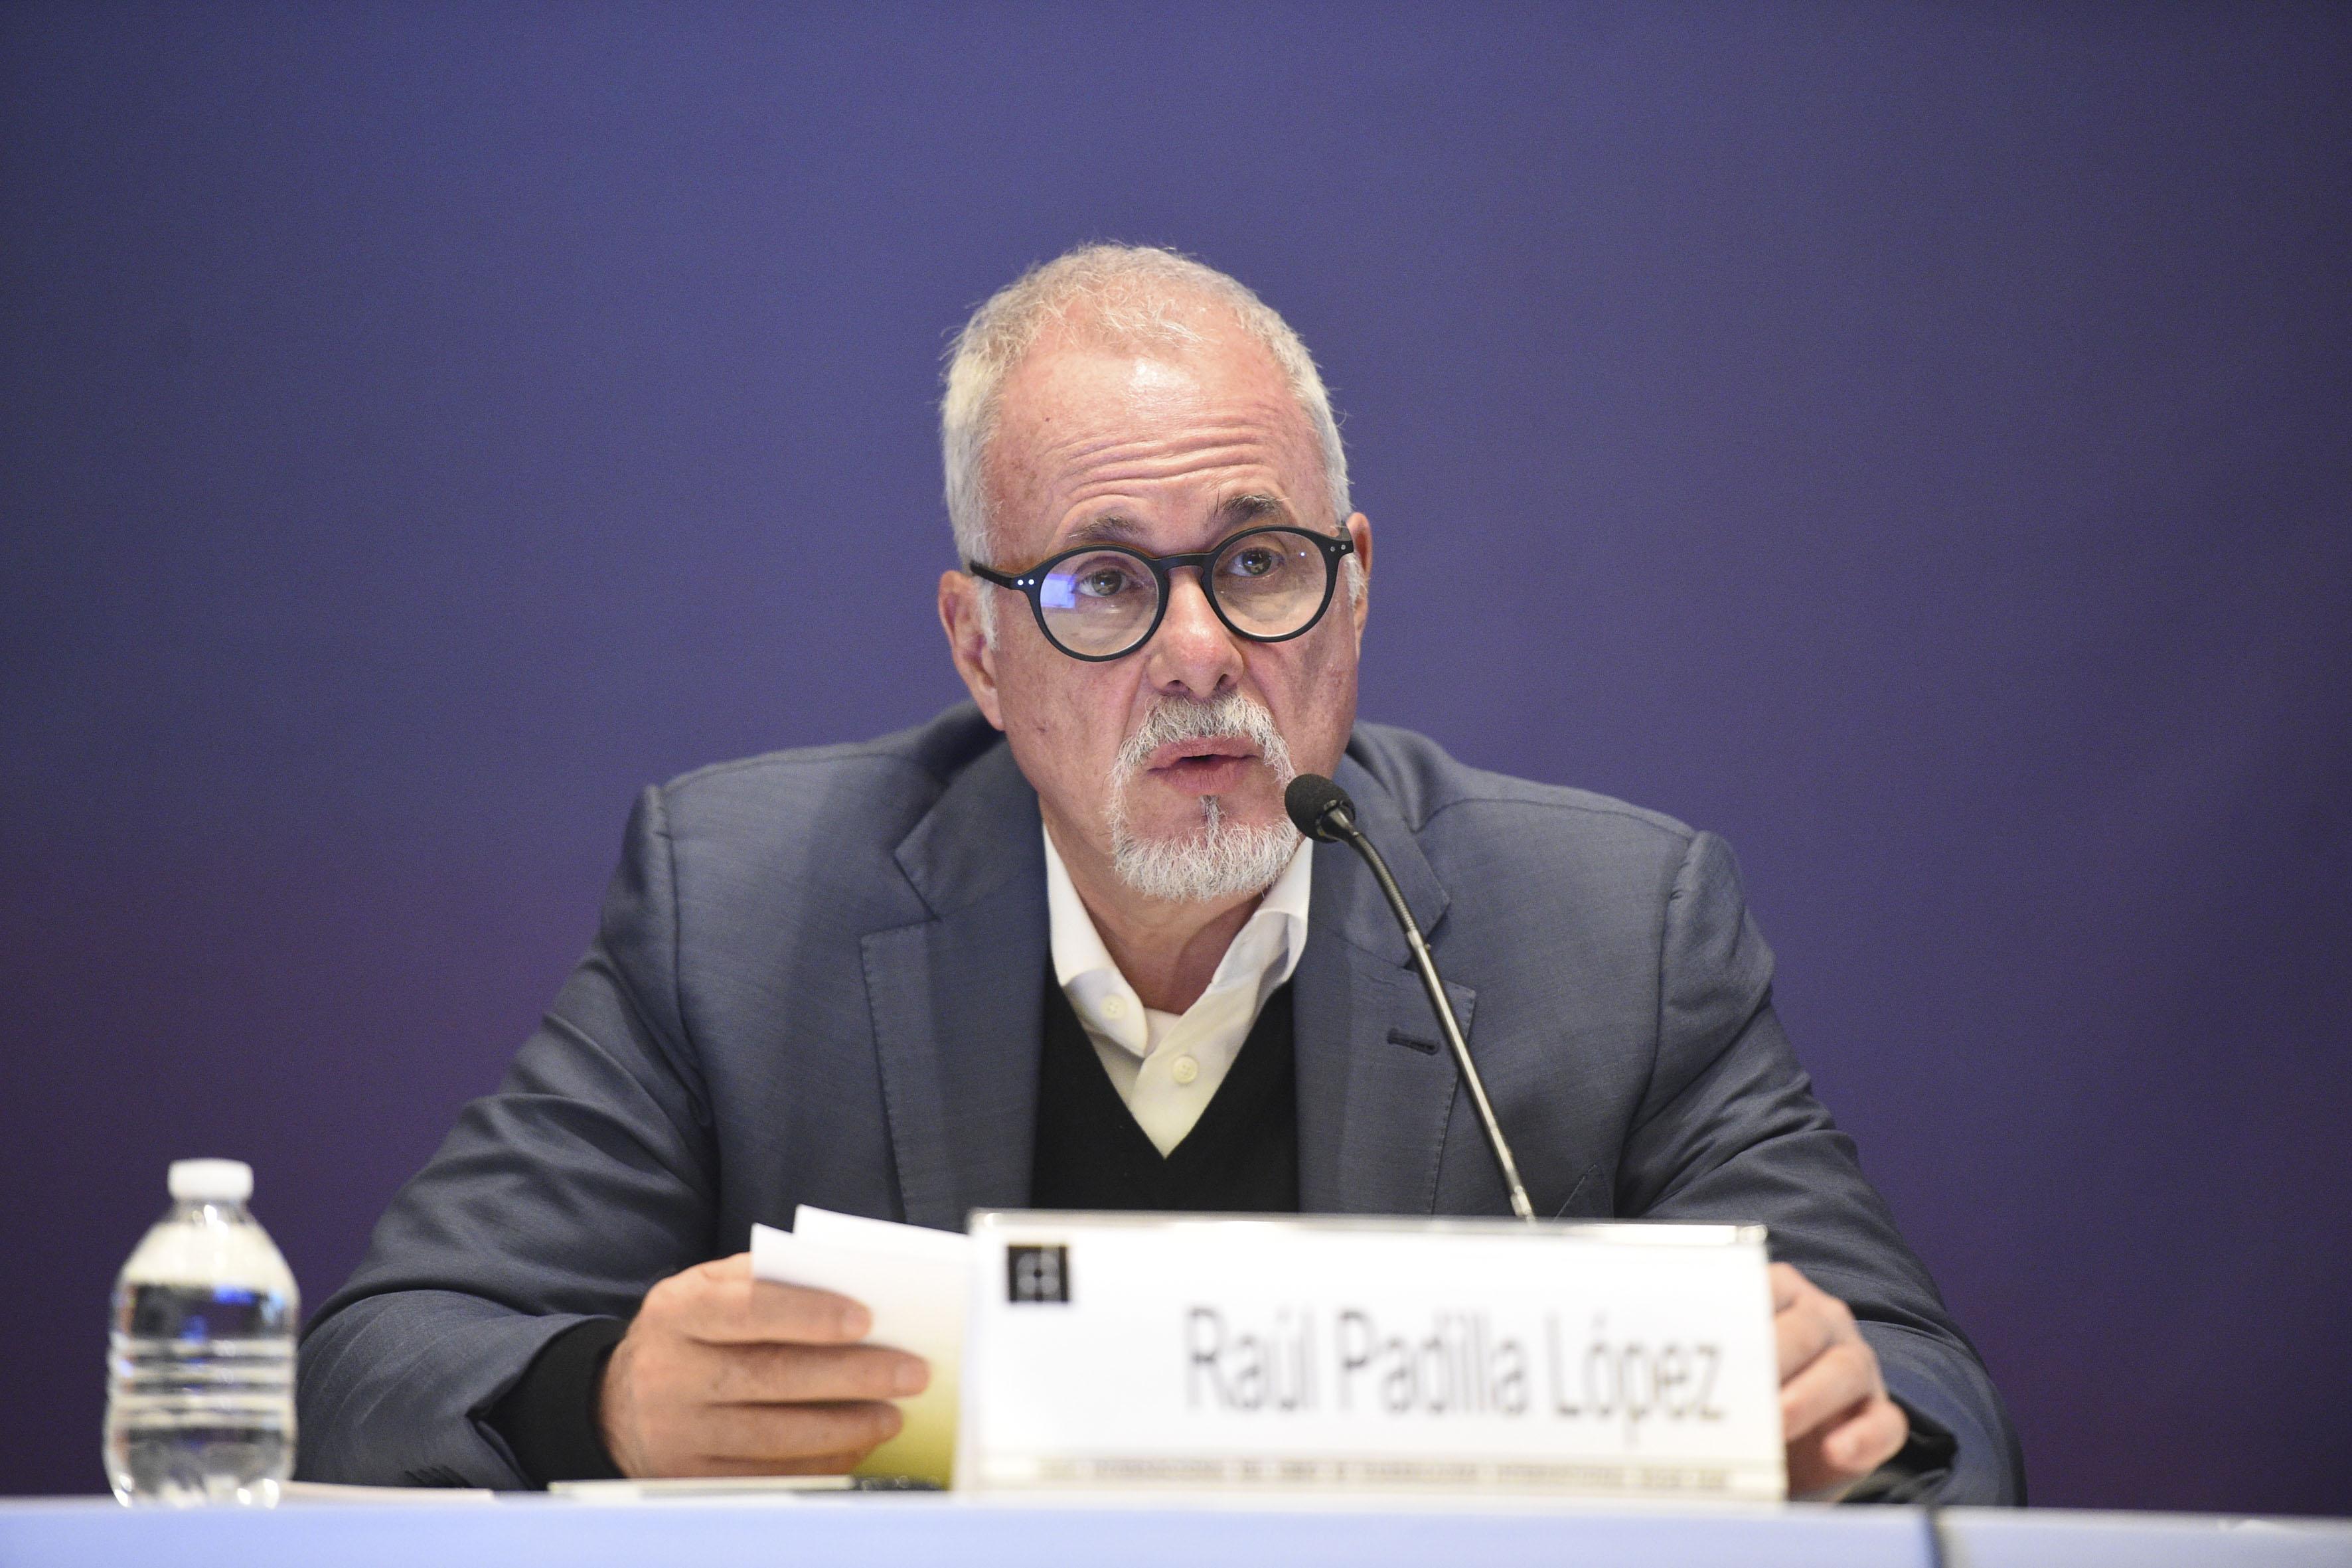 Presidente de la feria, licenciado Raúl Padilla López, haciendo uso de la palabra